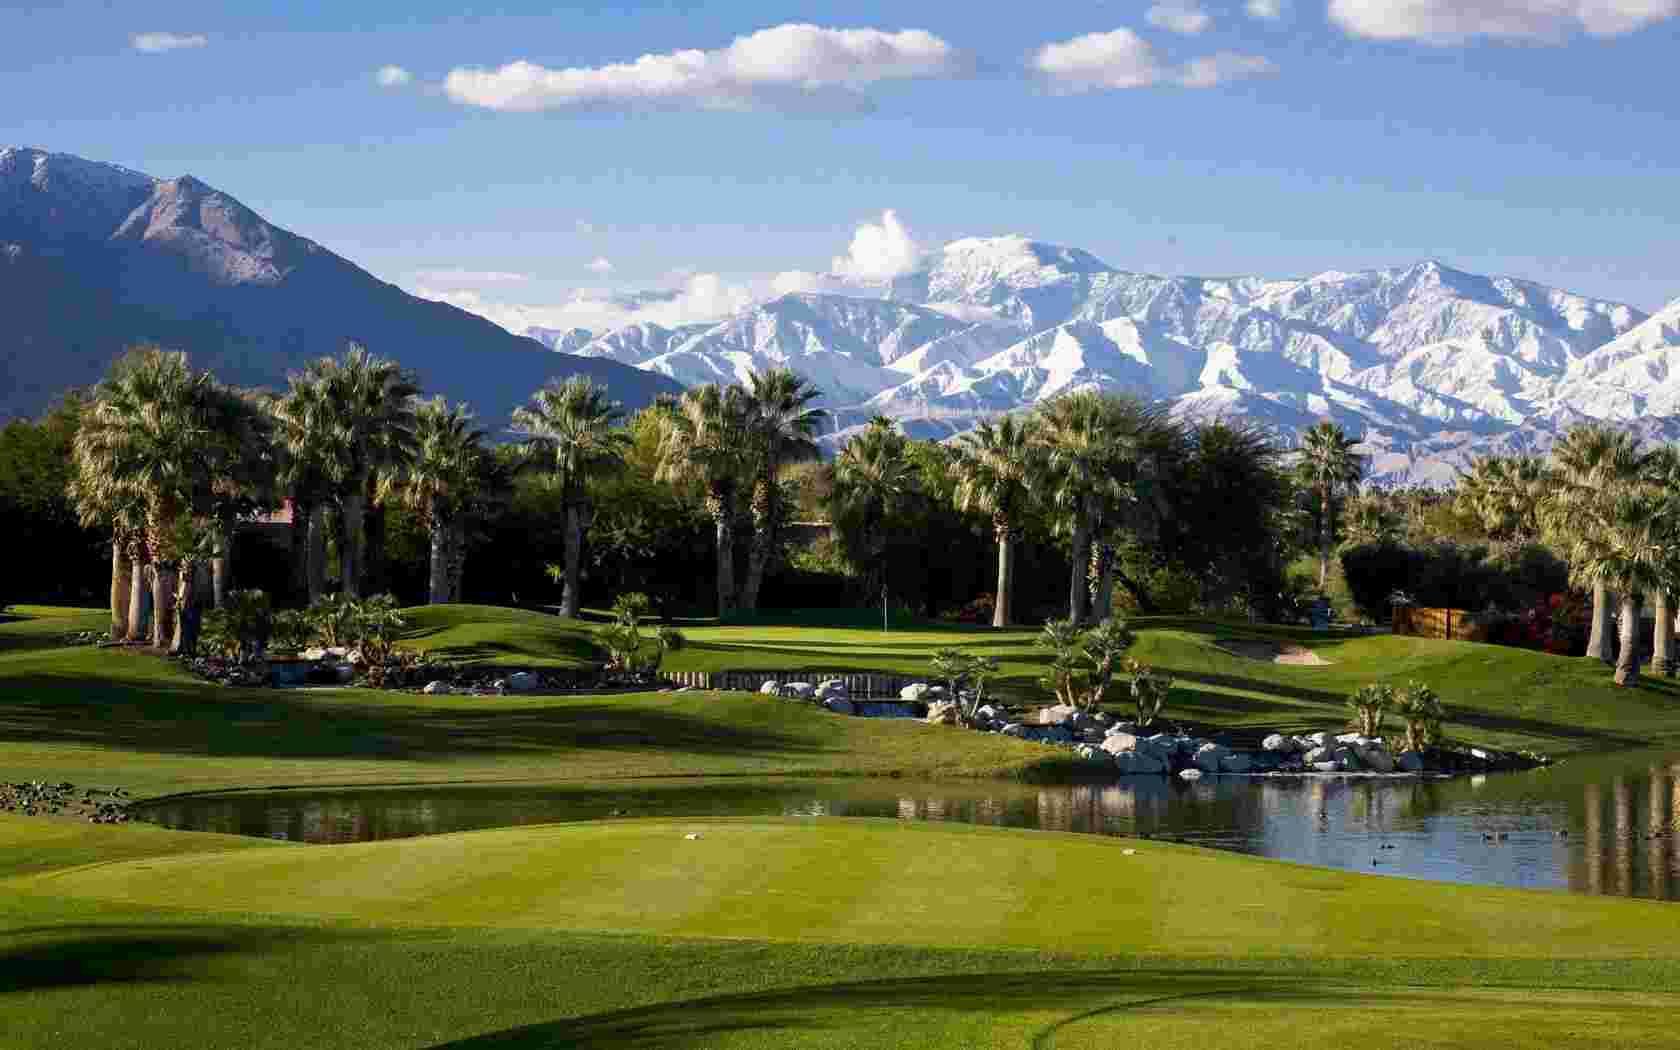 golf course wallpaper 1680x1050   wwwhigh definition wallpapercom 1680x1050